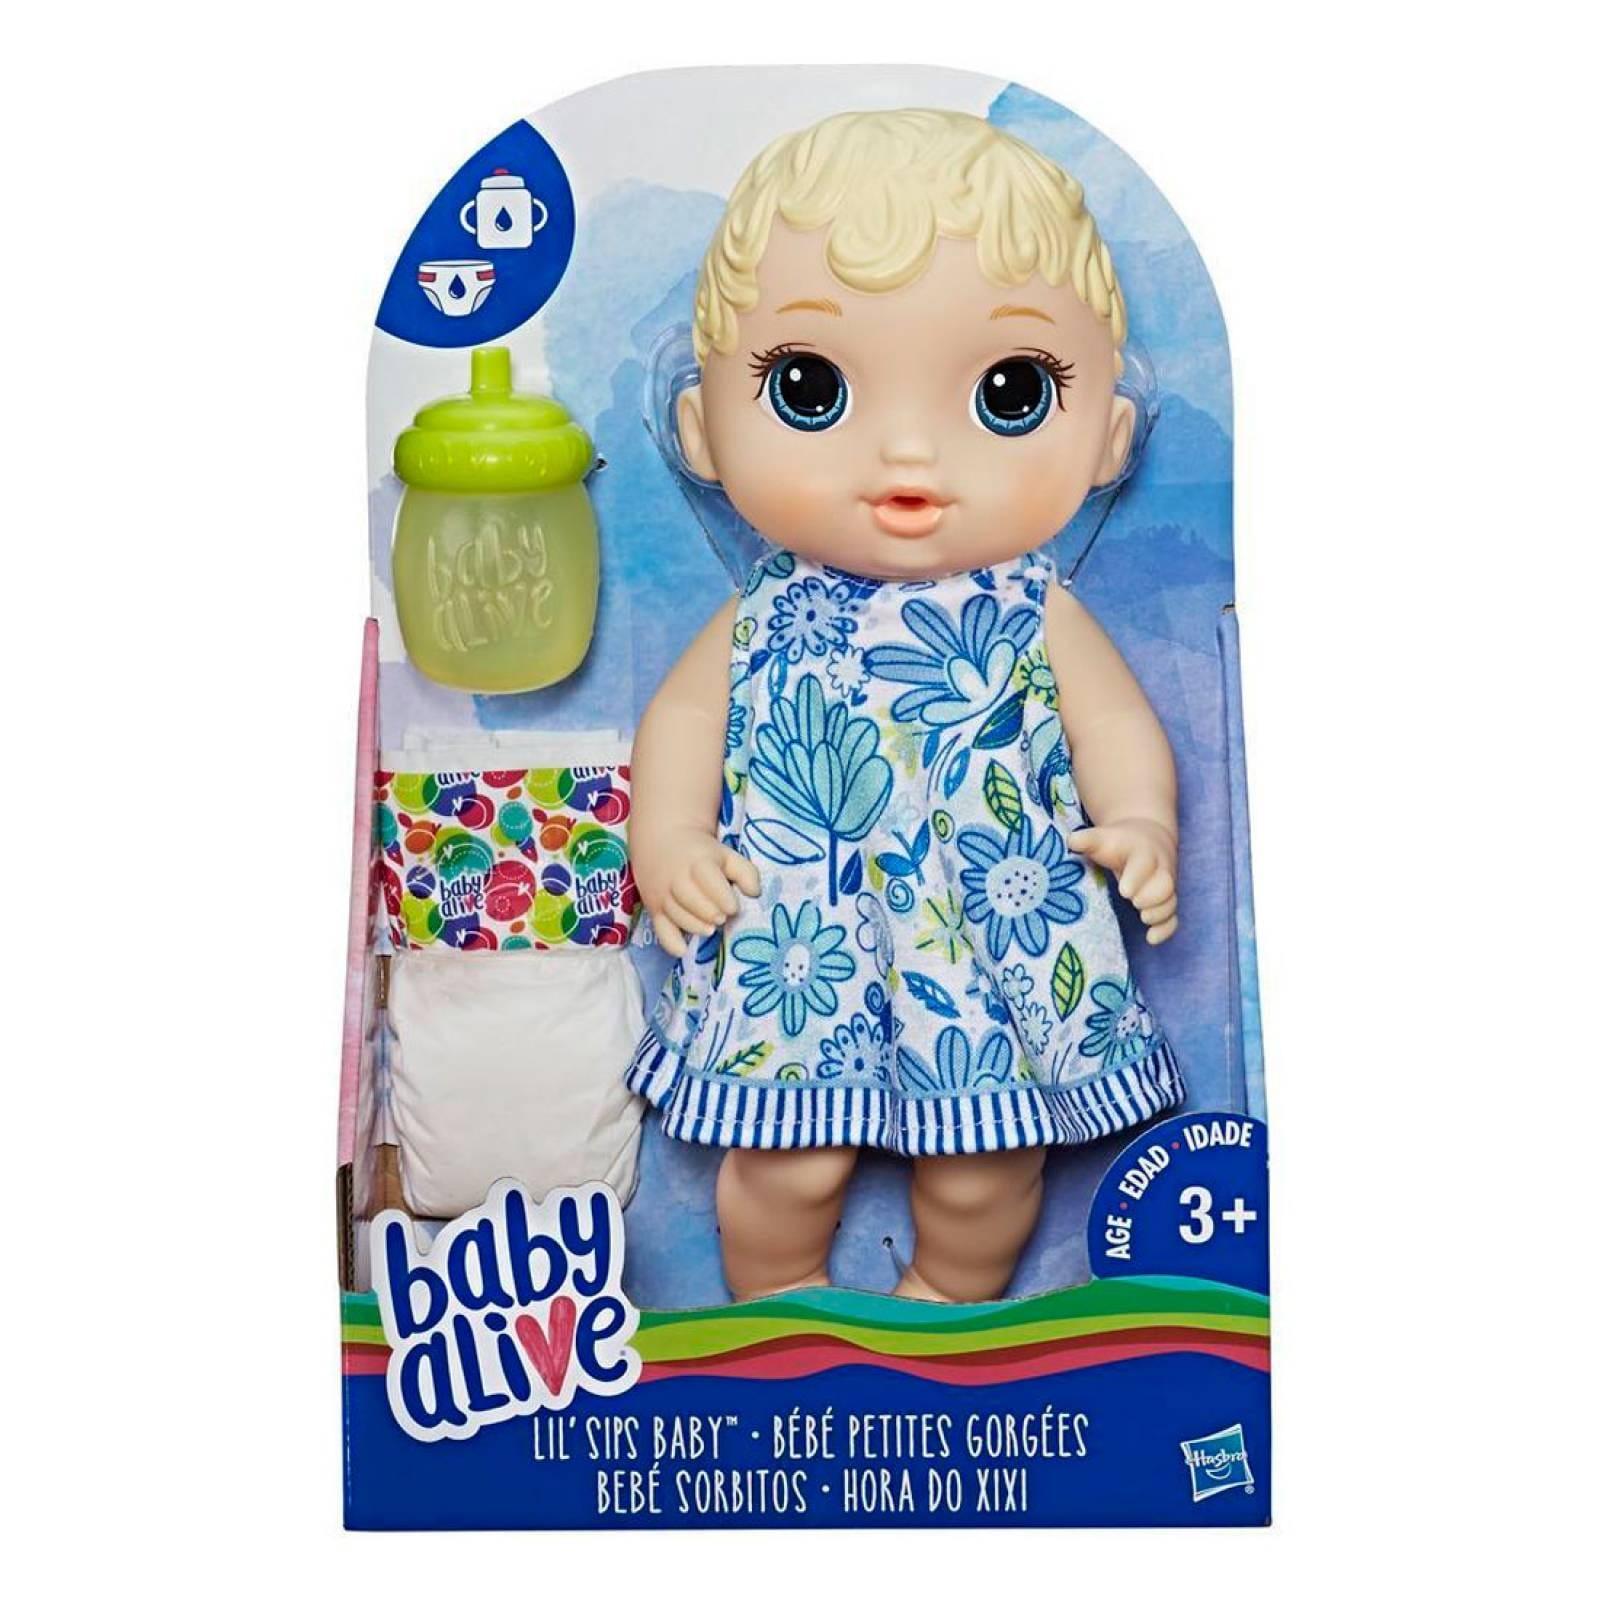 Muñeca Baby Alive Bebé Rubia Sorbitos Biberón Hasbro